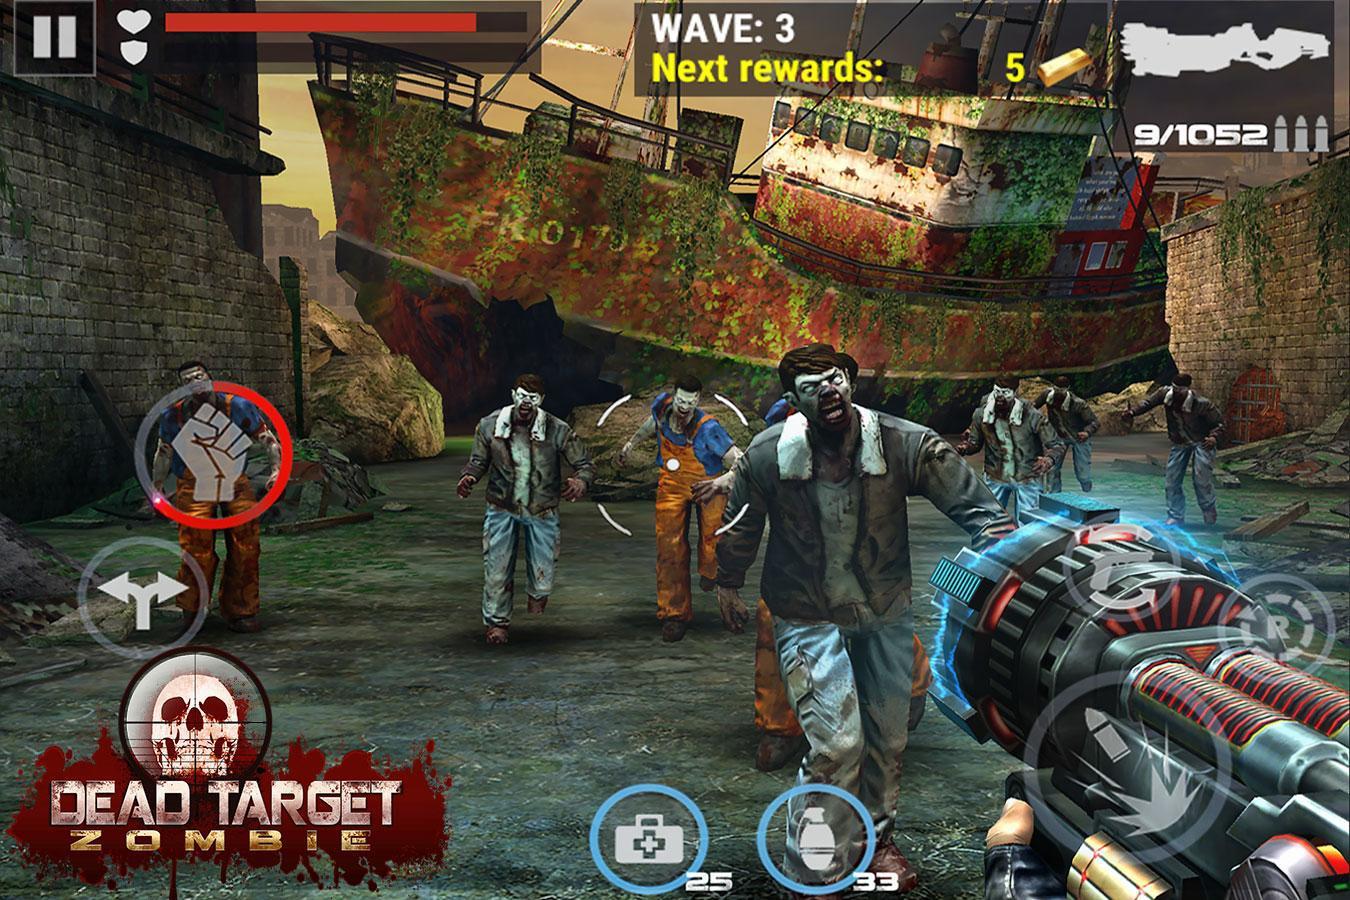 死目标:殭尸 游戏截图3